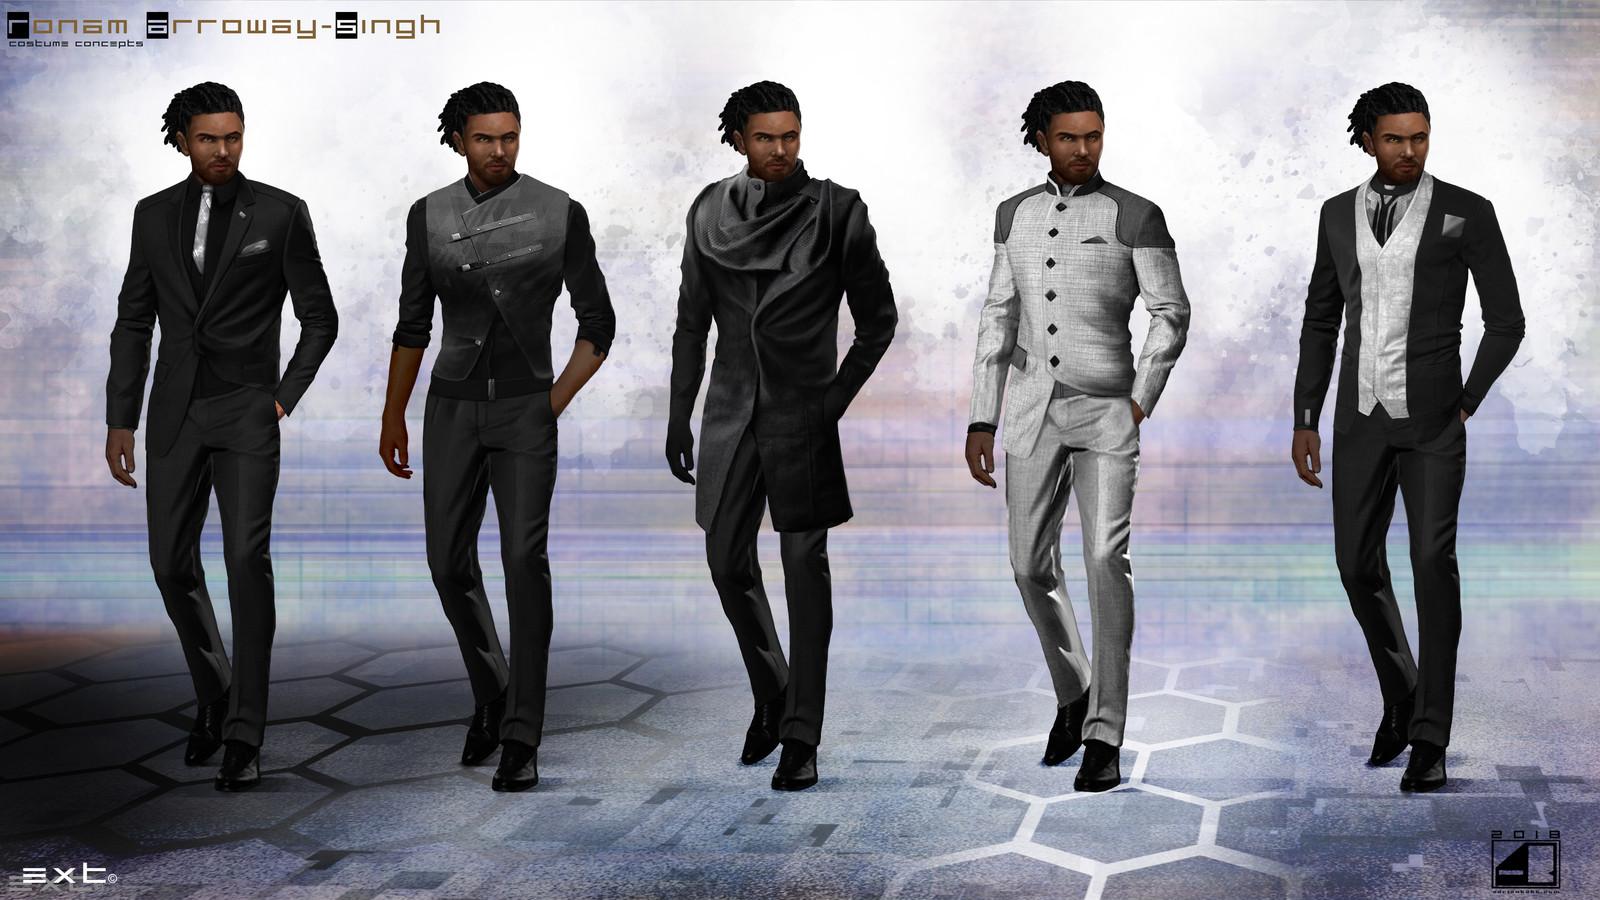 Ronam Costume Concepts